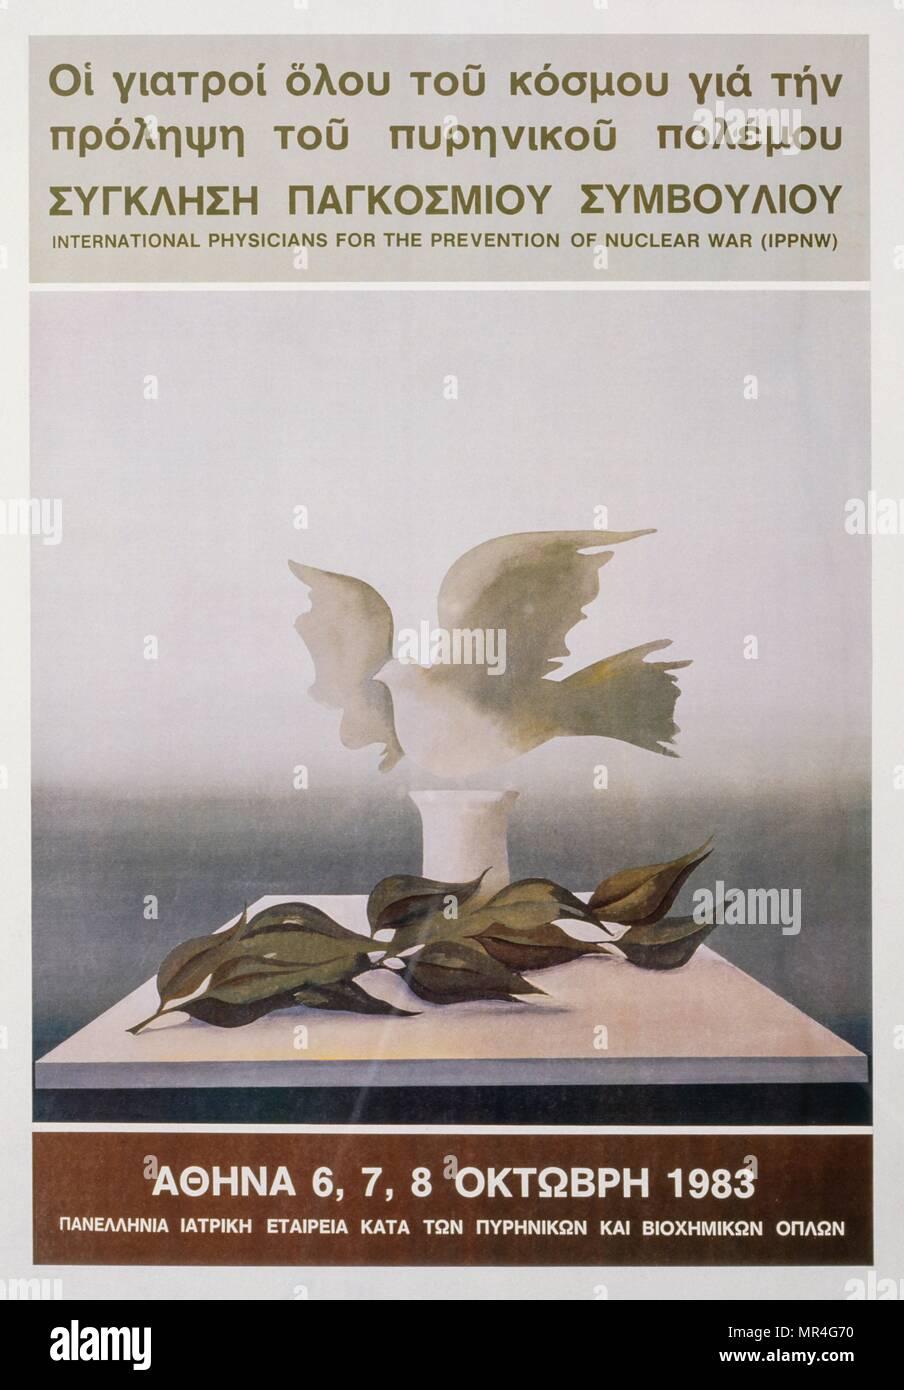 Griego, anti-armas nucleares, contra la guerra, la paz, el póster de la campaña durante la guerra fría 1983 Imagen De Stock